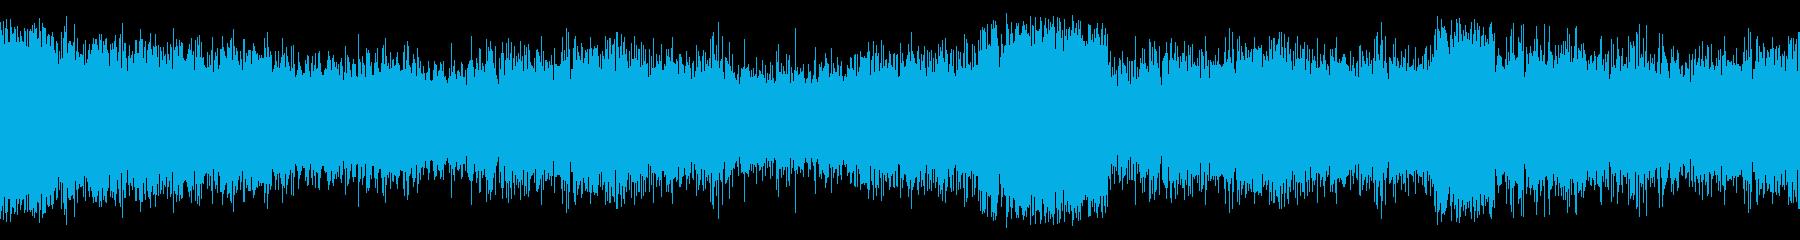 双方向無線:静的、通信、ノイズ静的...の再生済みの波形